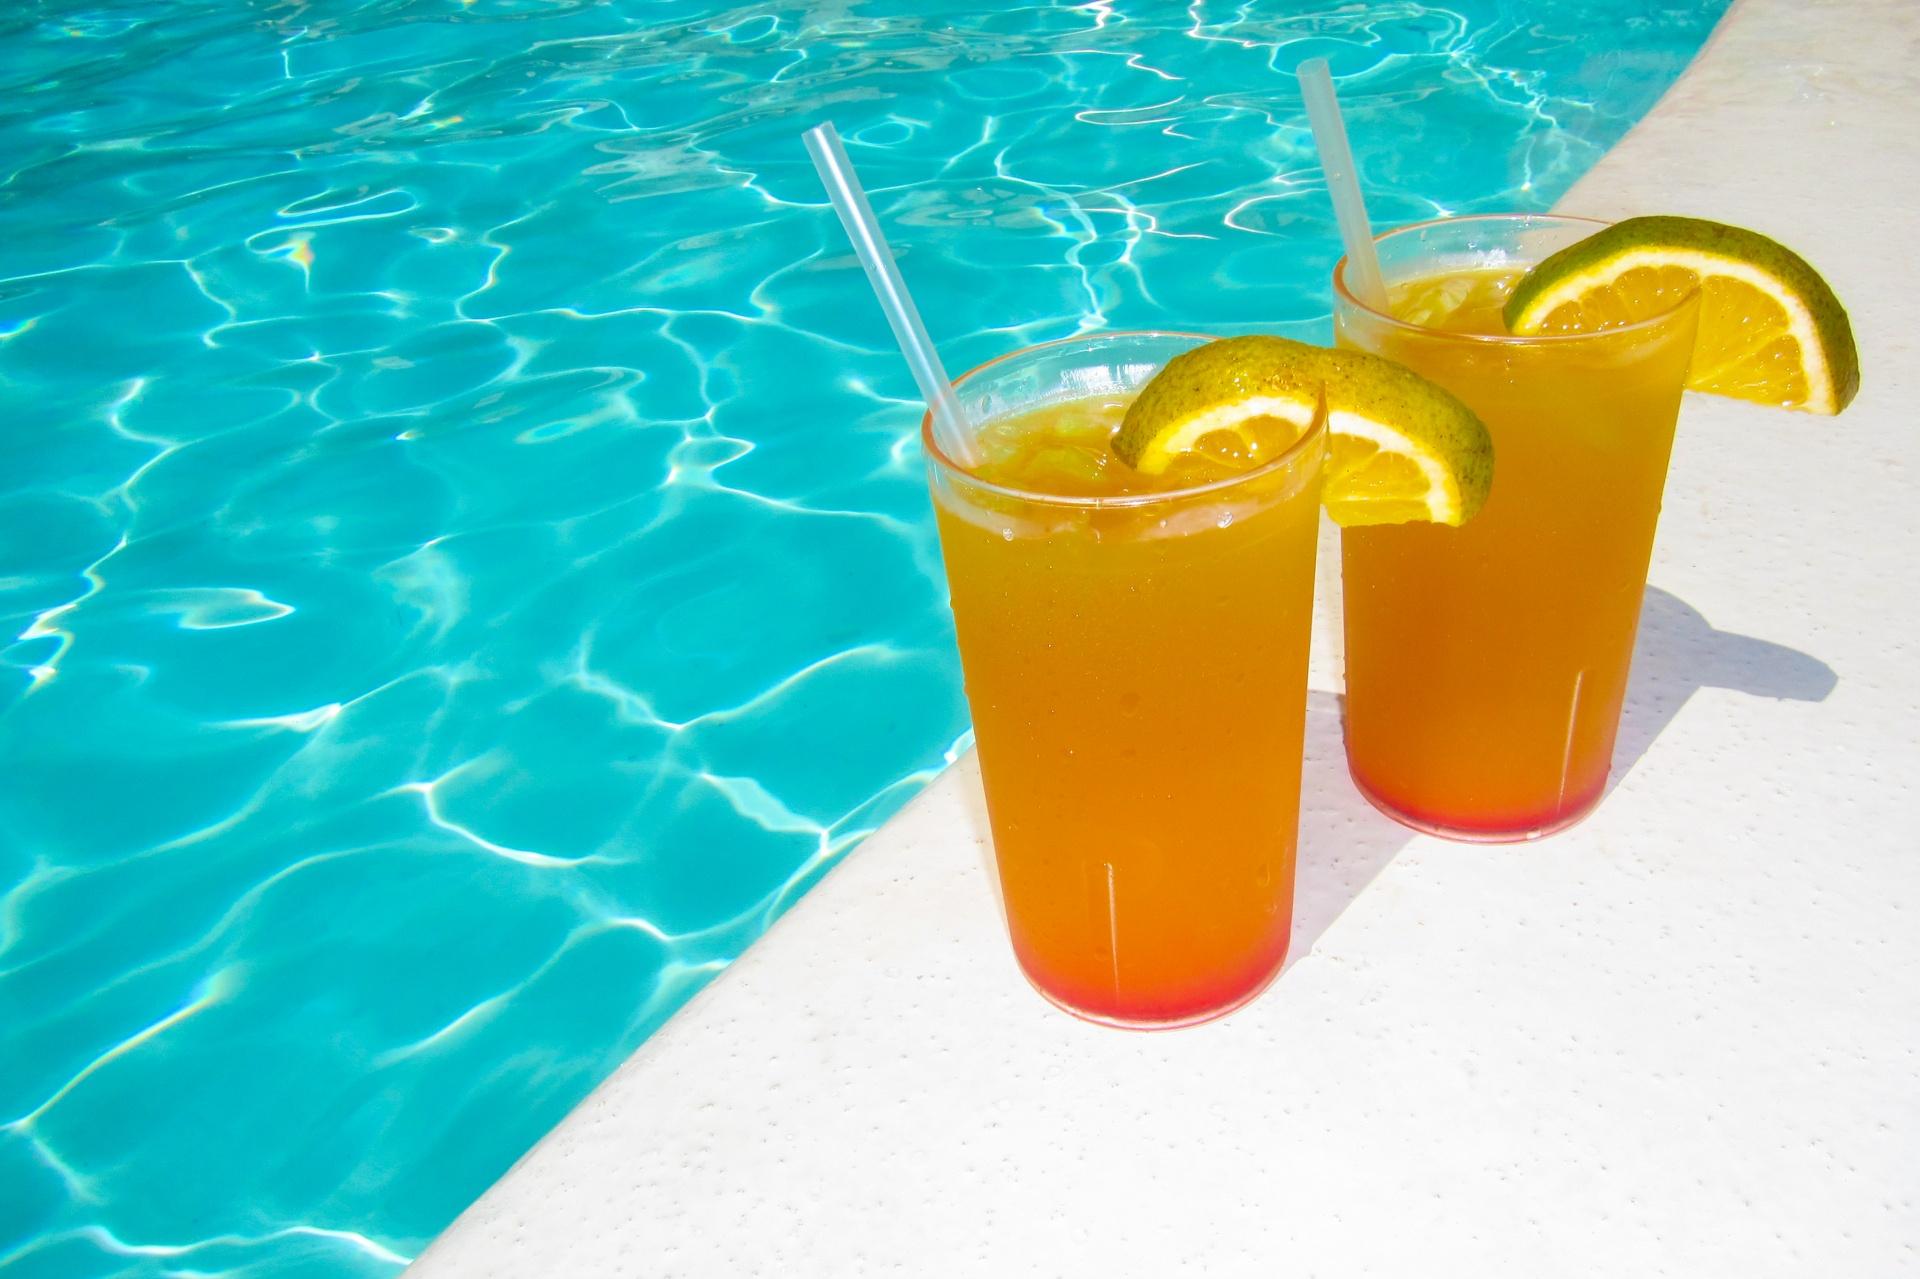 Las bebidas azucaradas y la diabetes